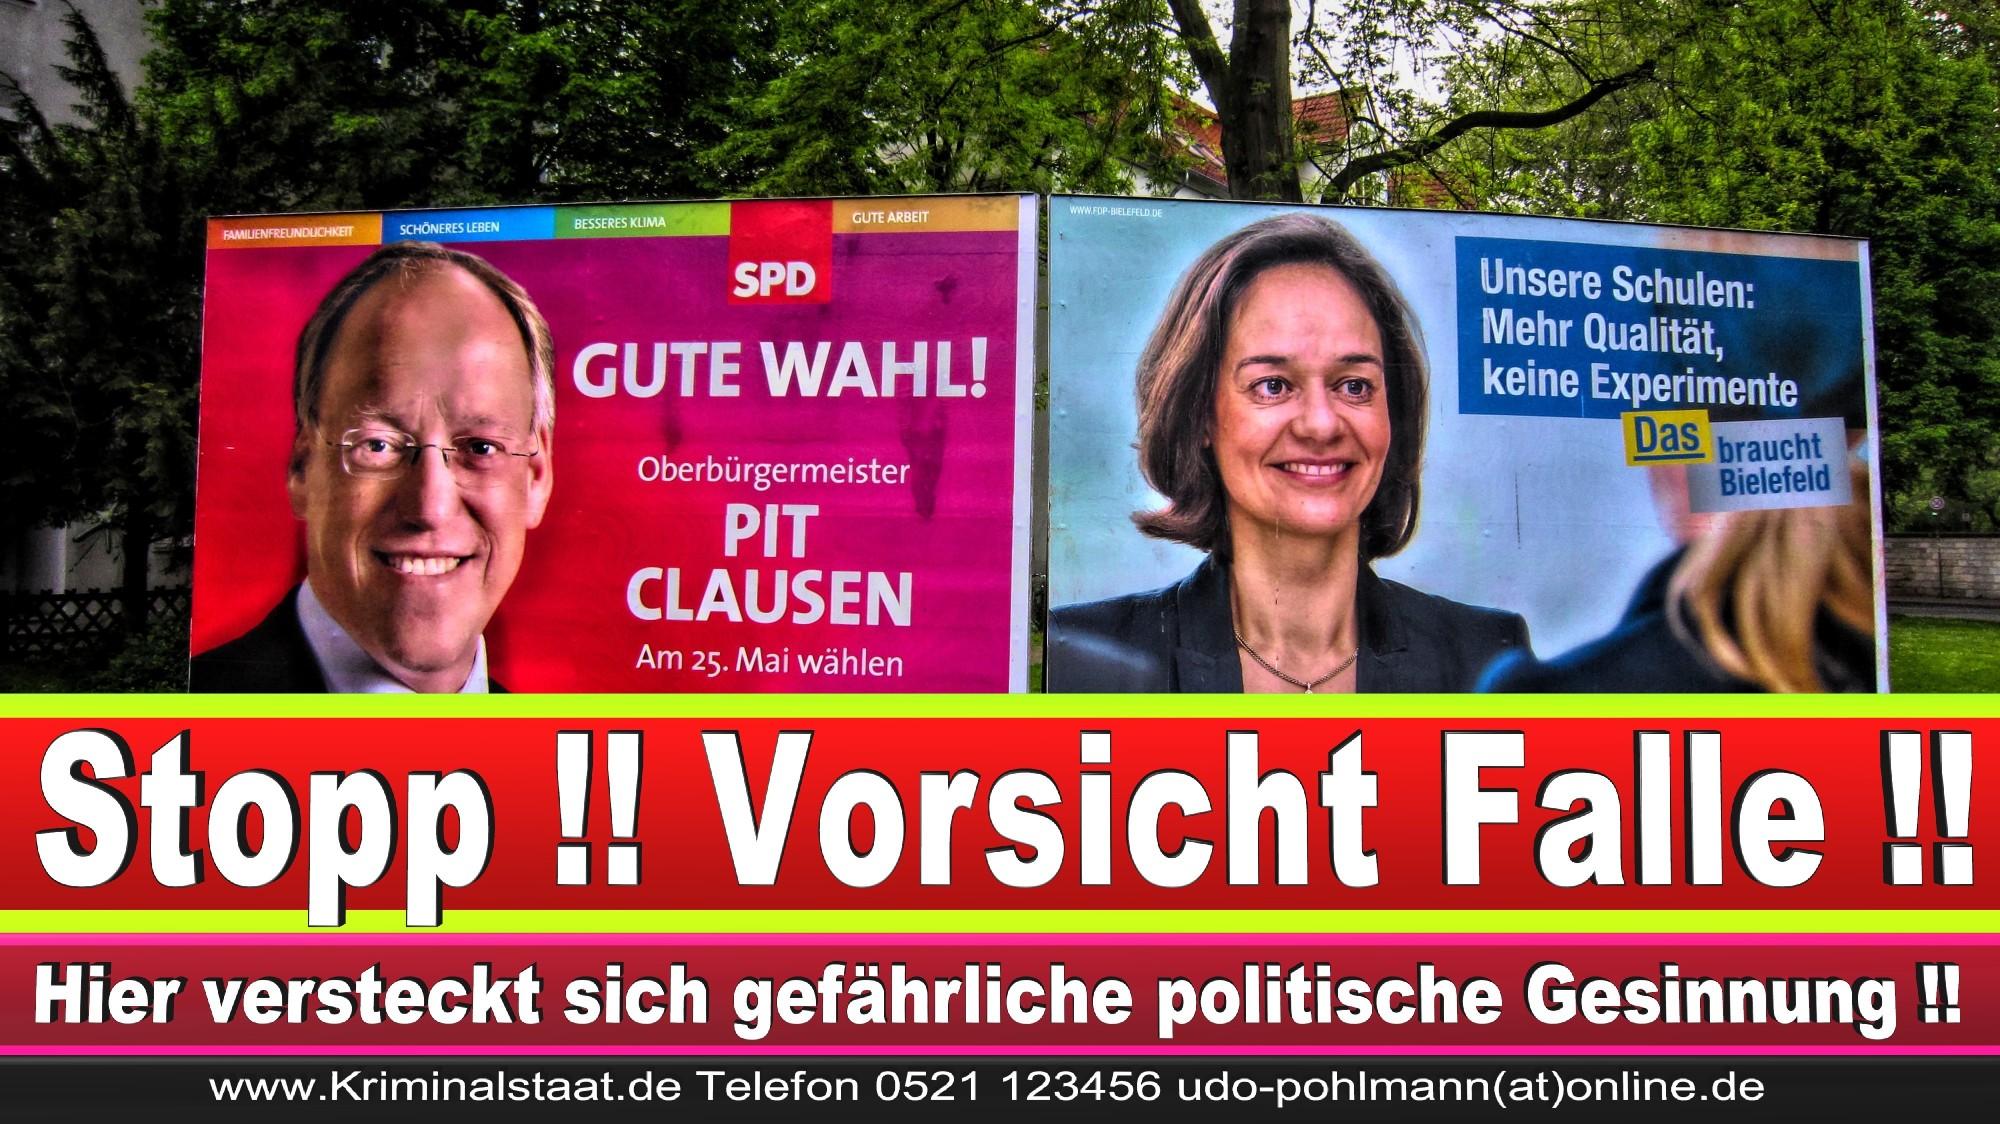 Wahlwerbung Wahlplakate Landtagswahl 2019 Europawahl CDU SPD FDP 2021 (120)